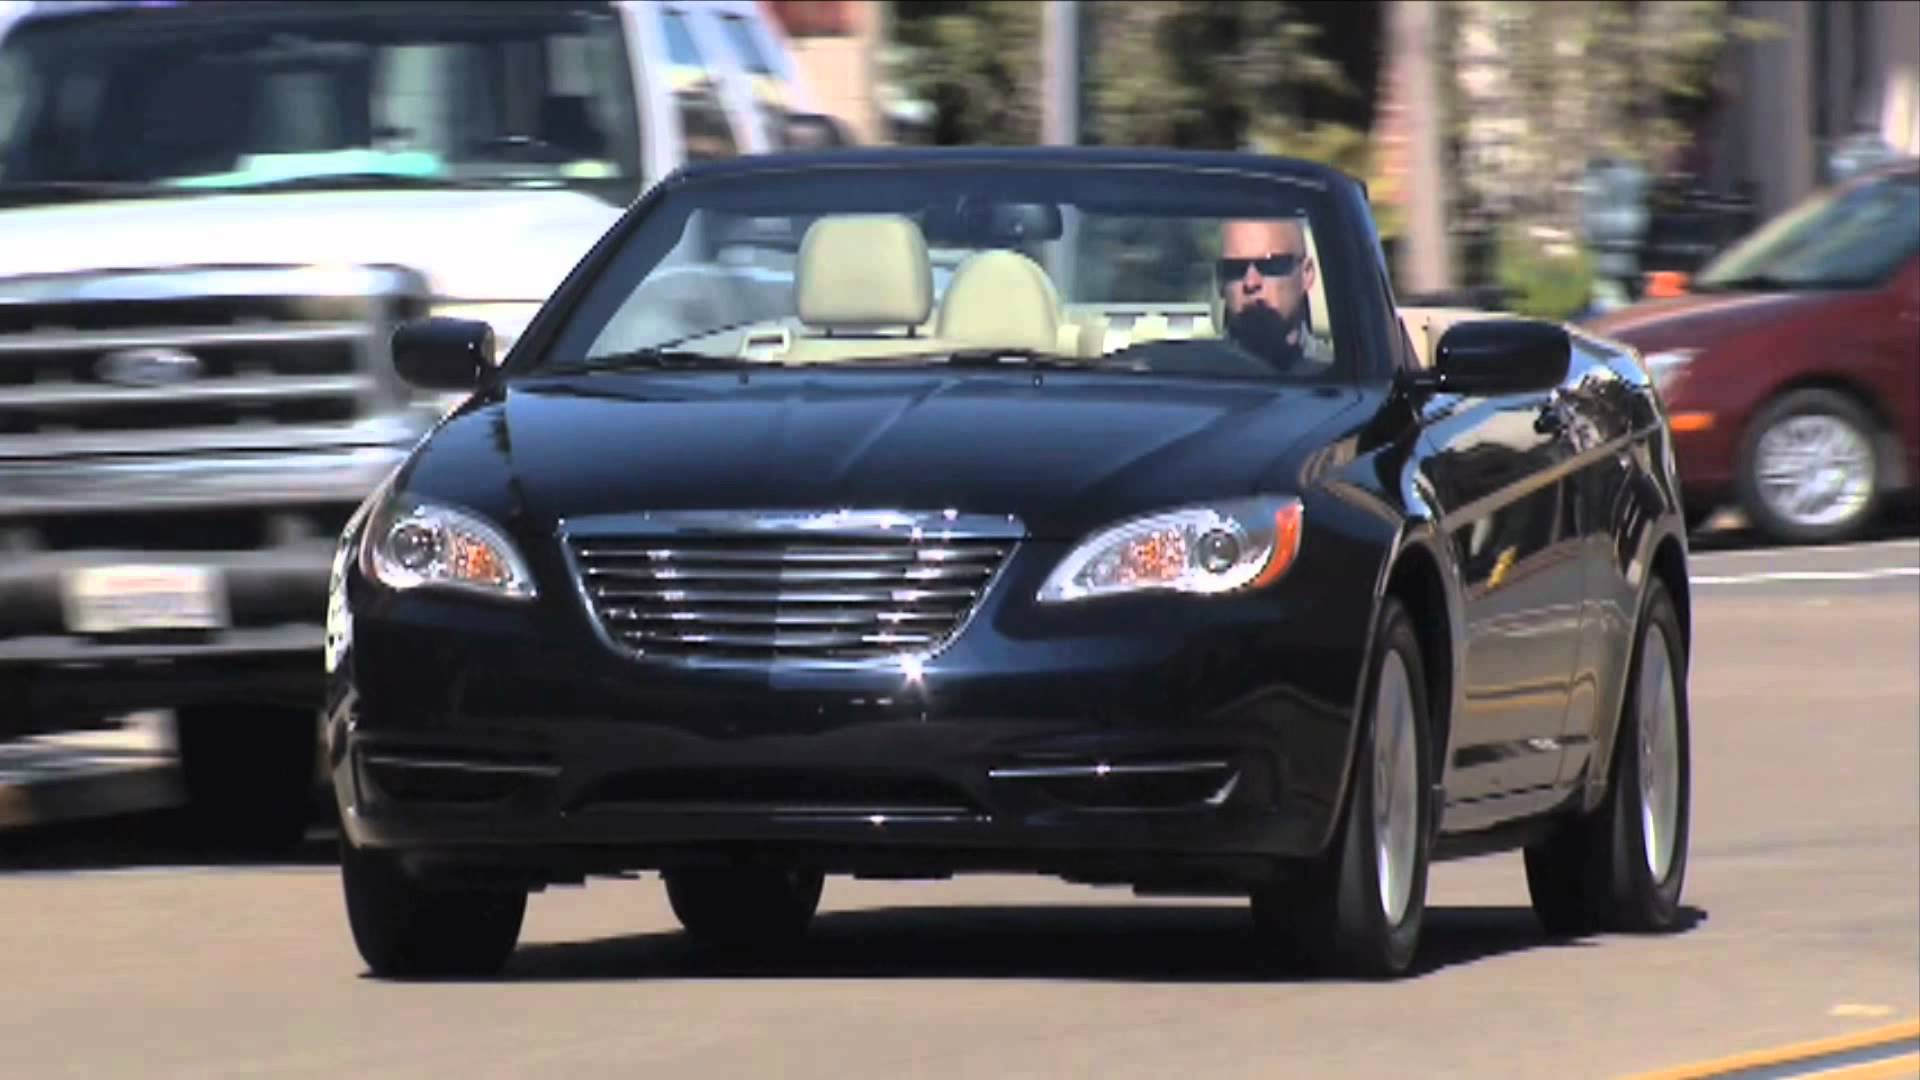 2012 Chrysler 200 Convertiblenbsp